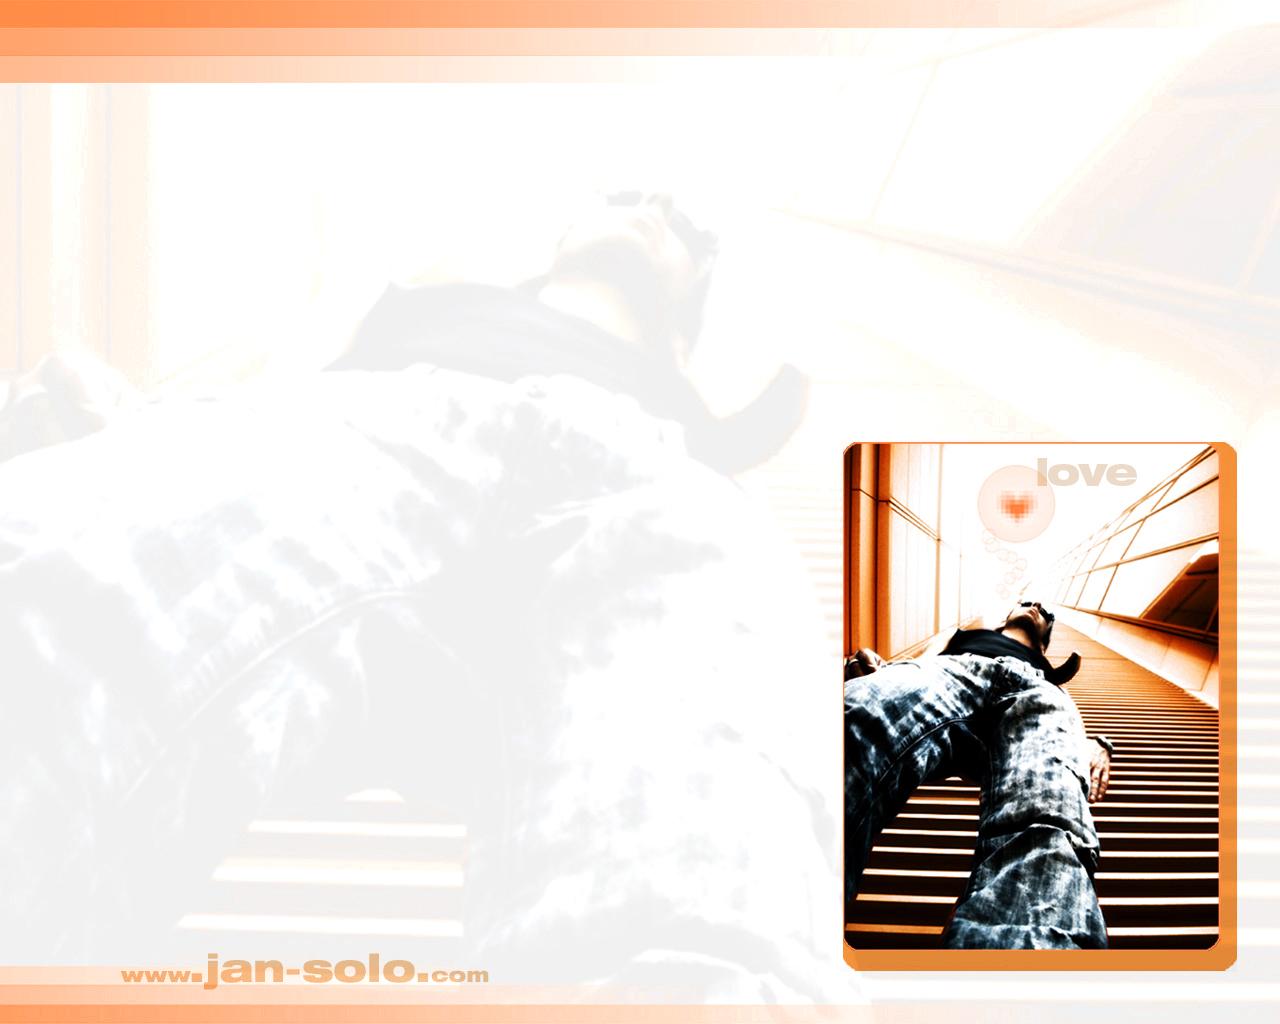 jan-solo.com